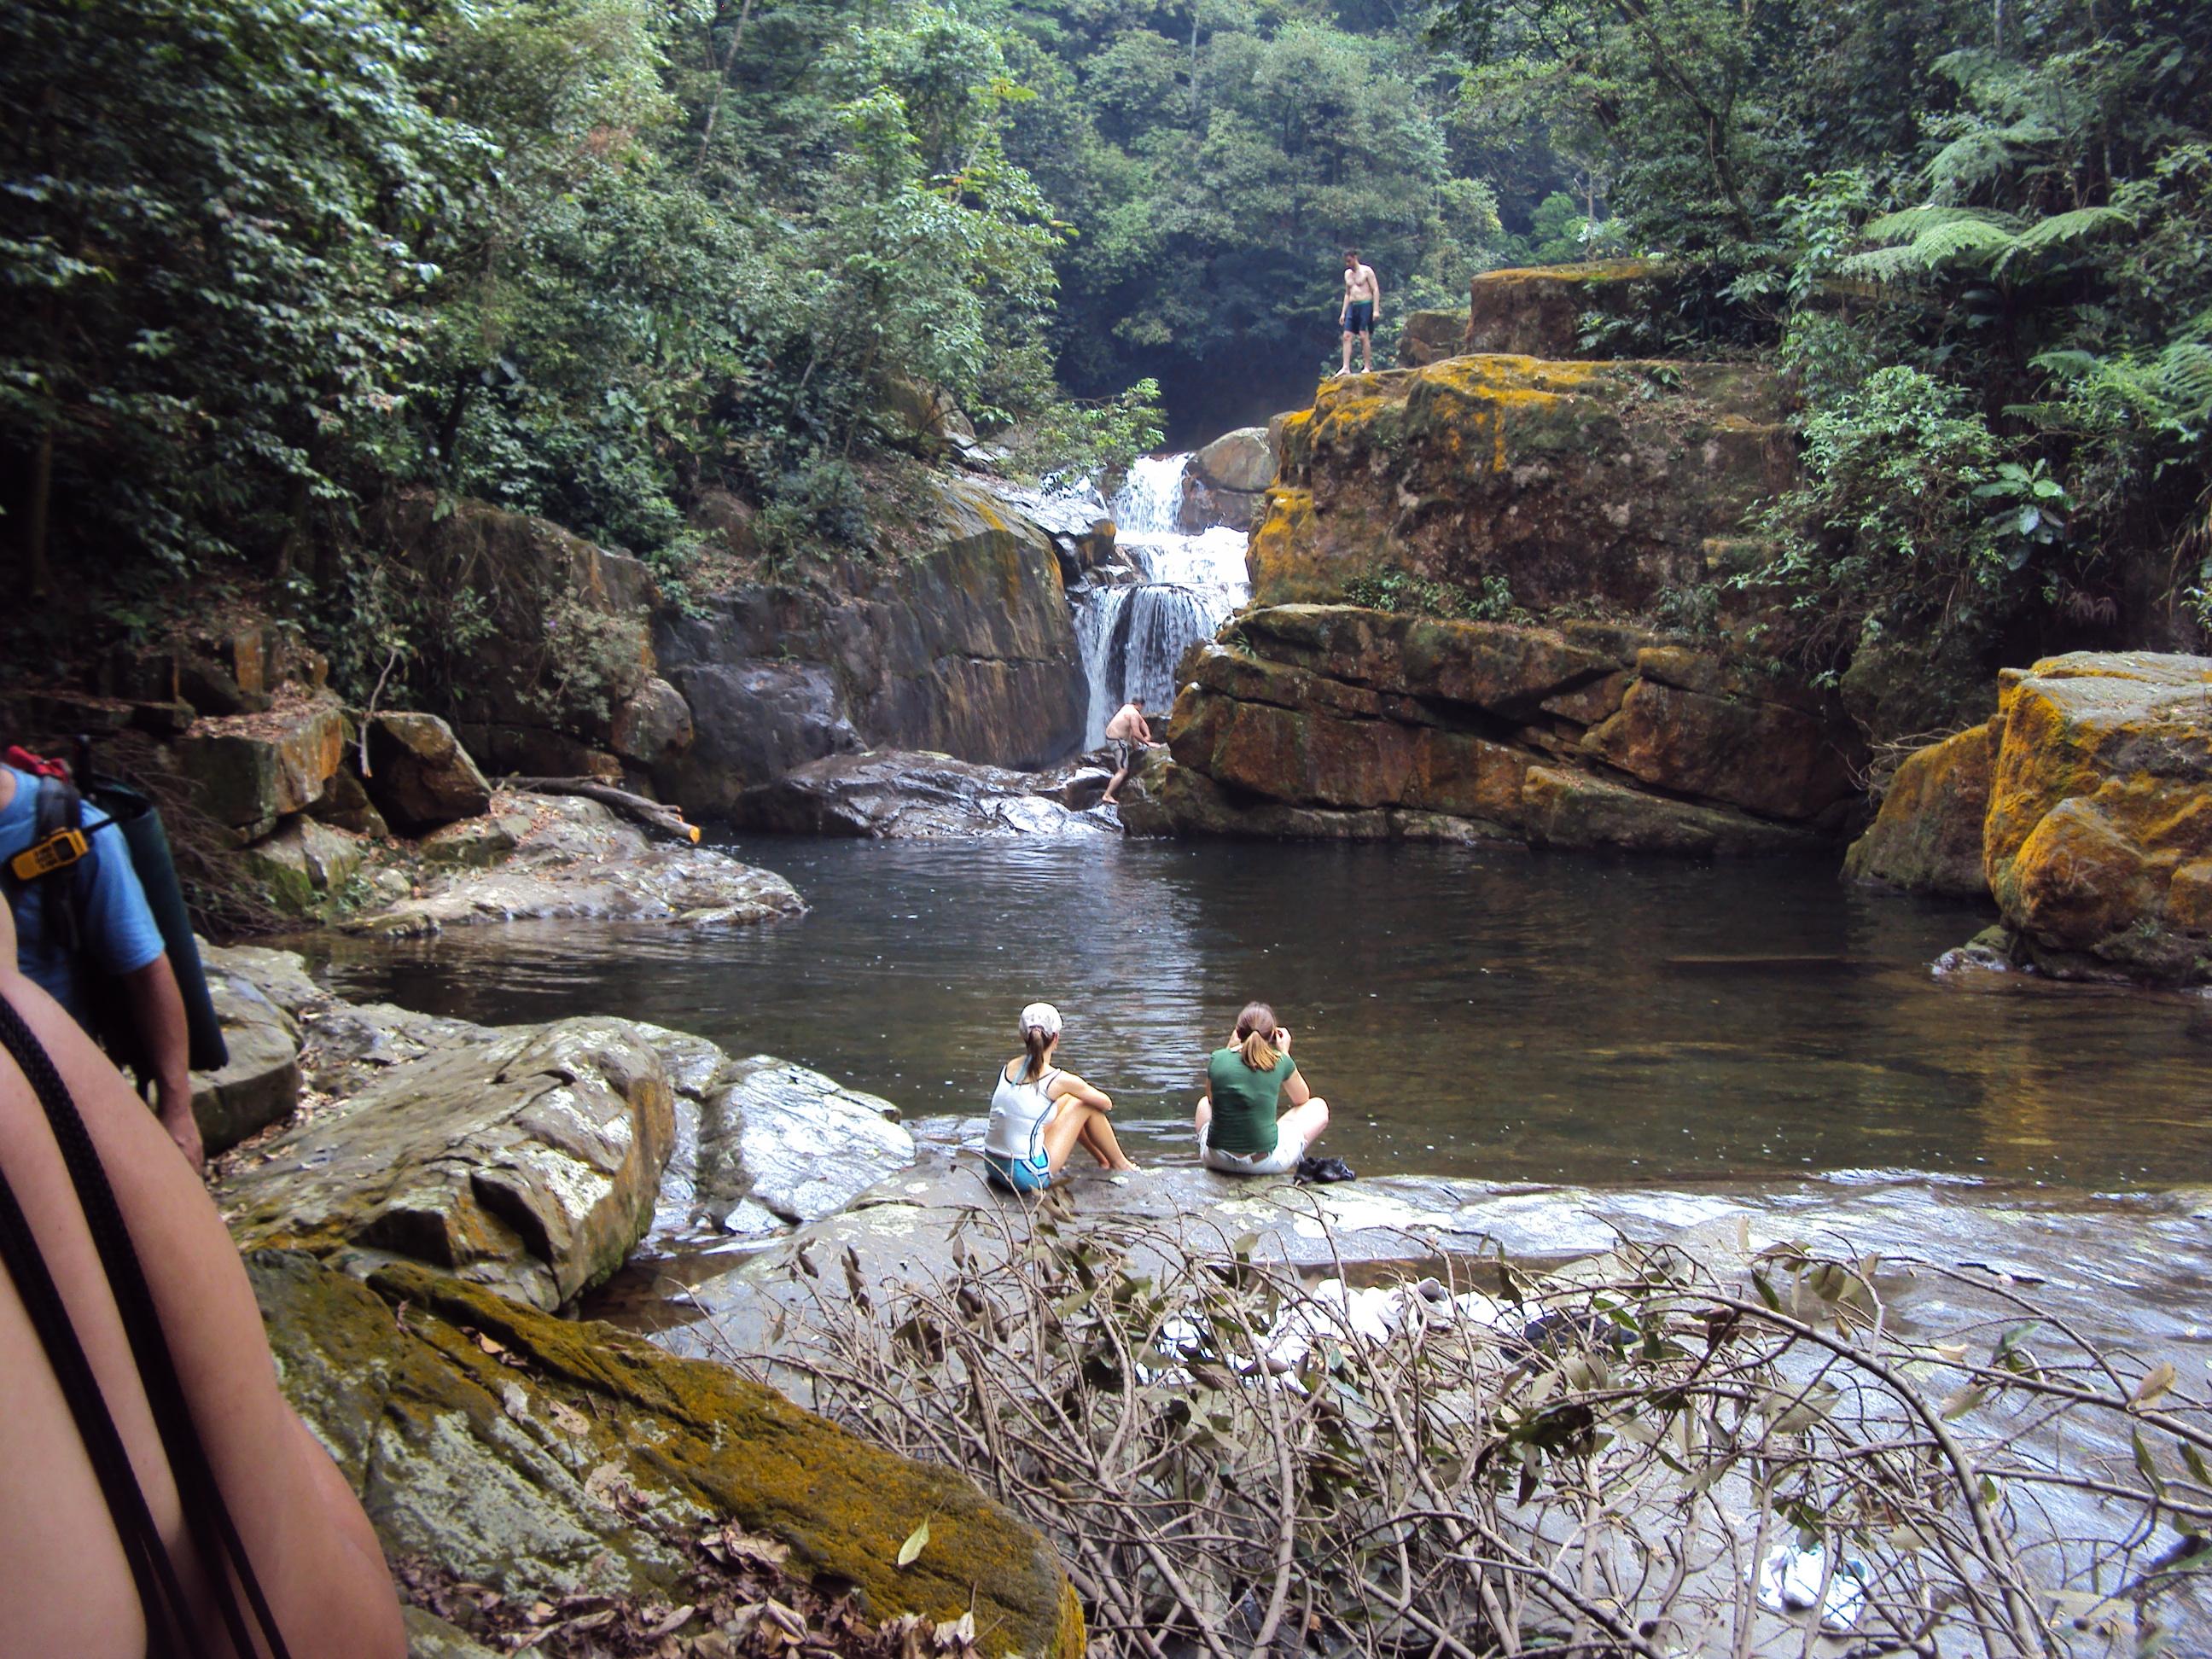 Vale das cachoeiras novembro 2014 034.jpg